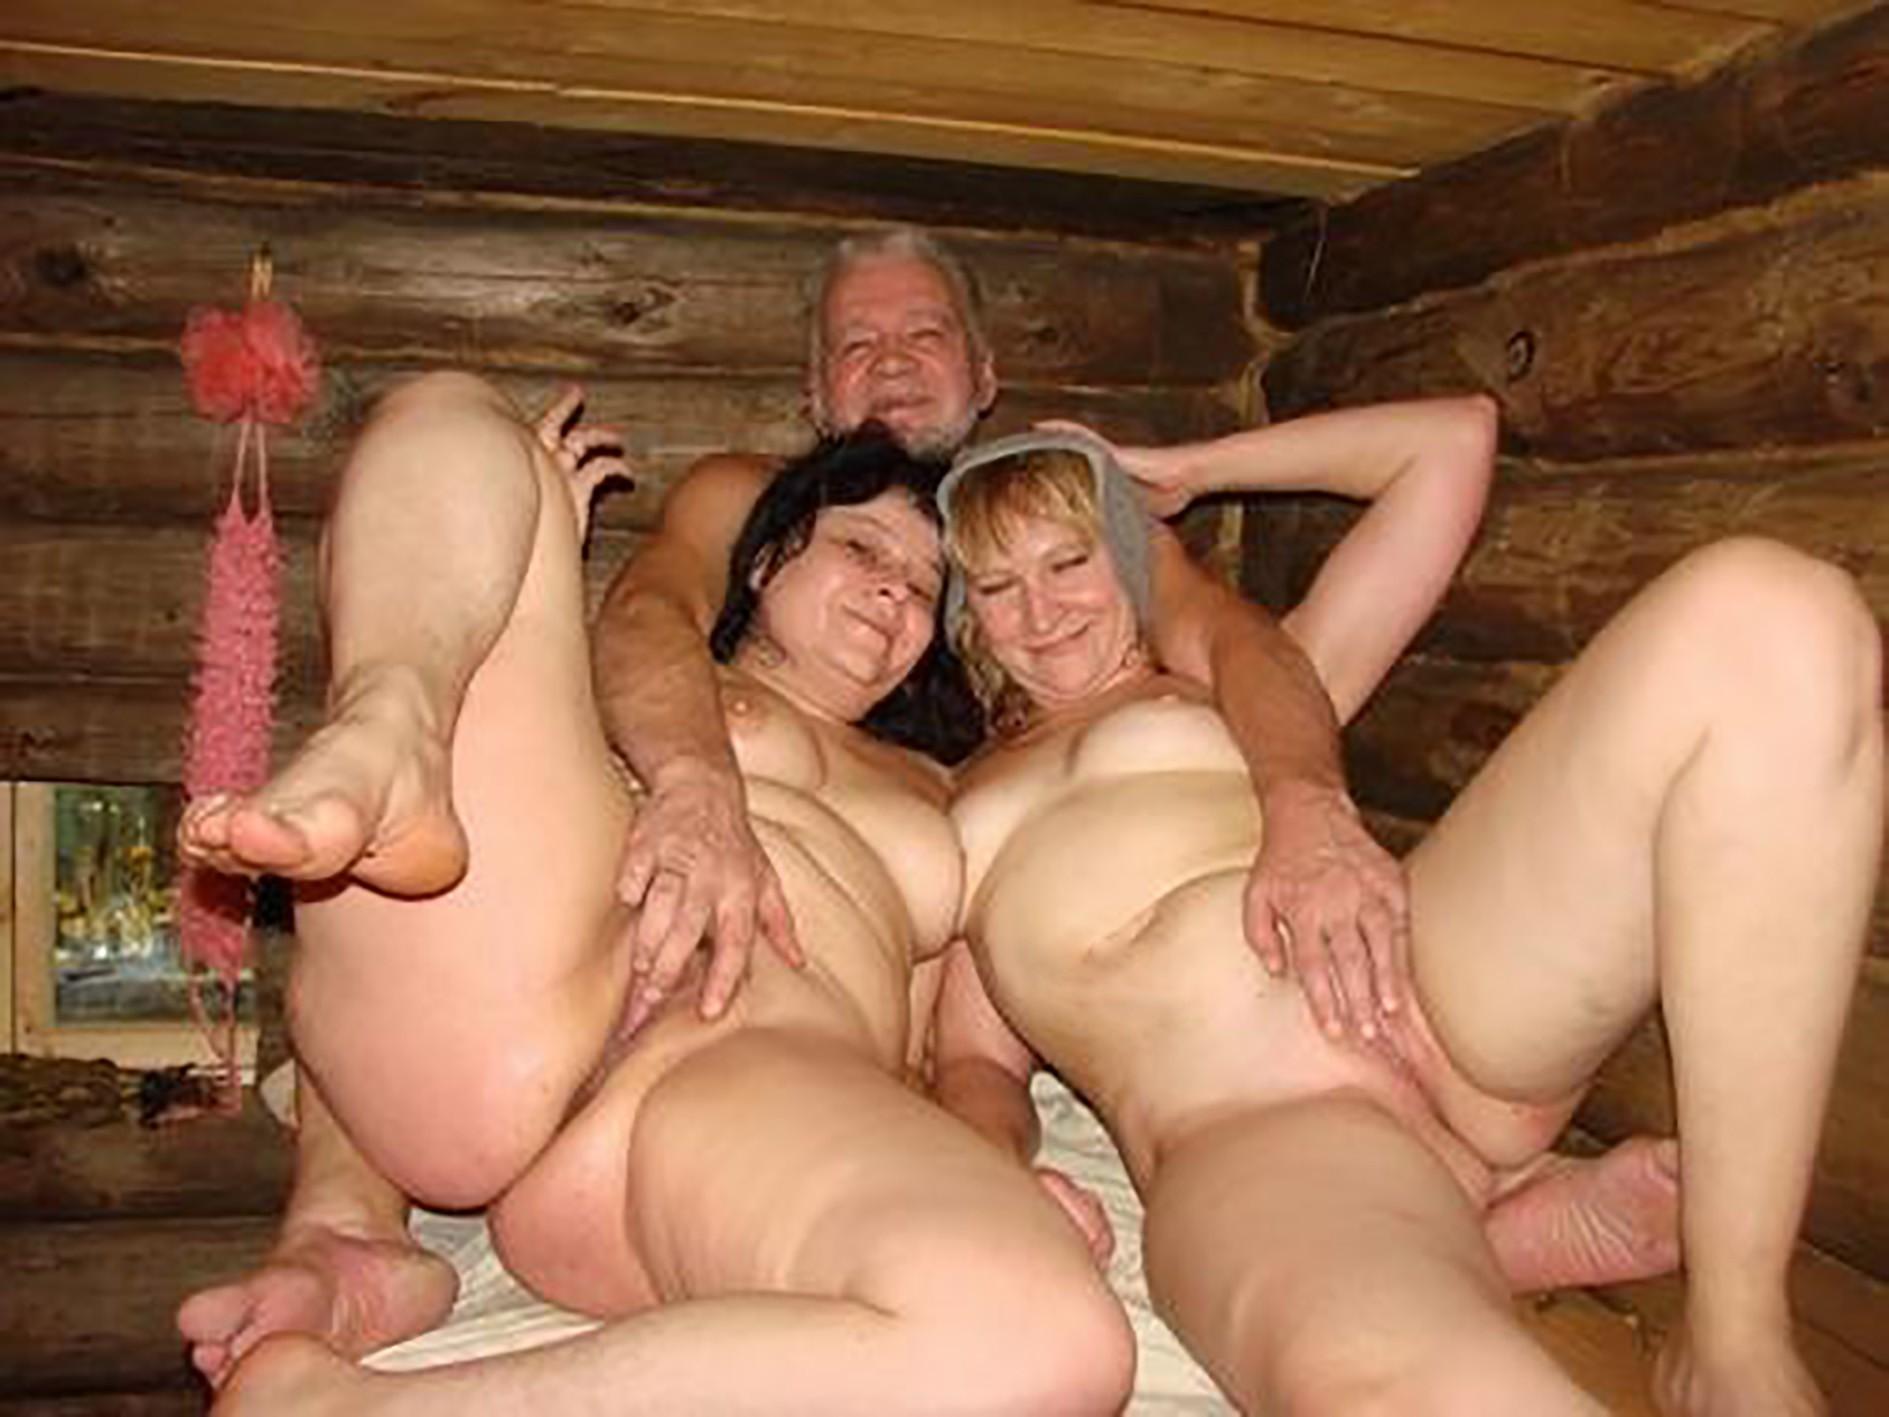 Русская баня порно смотреть, Русское порно видео с тегом В бане бесплатно 15 фотография